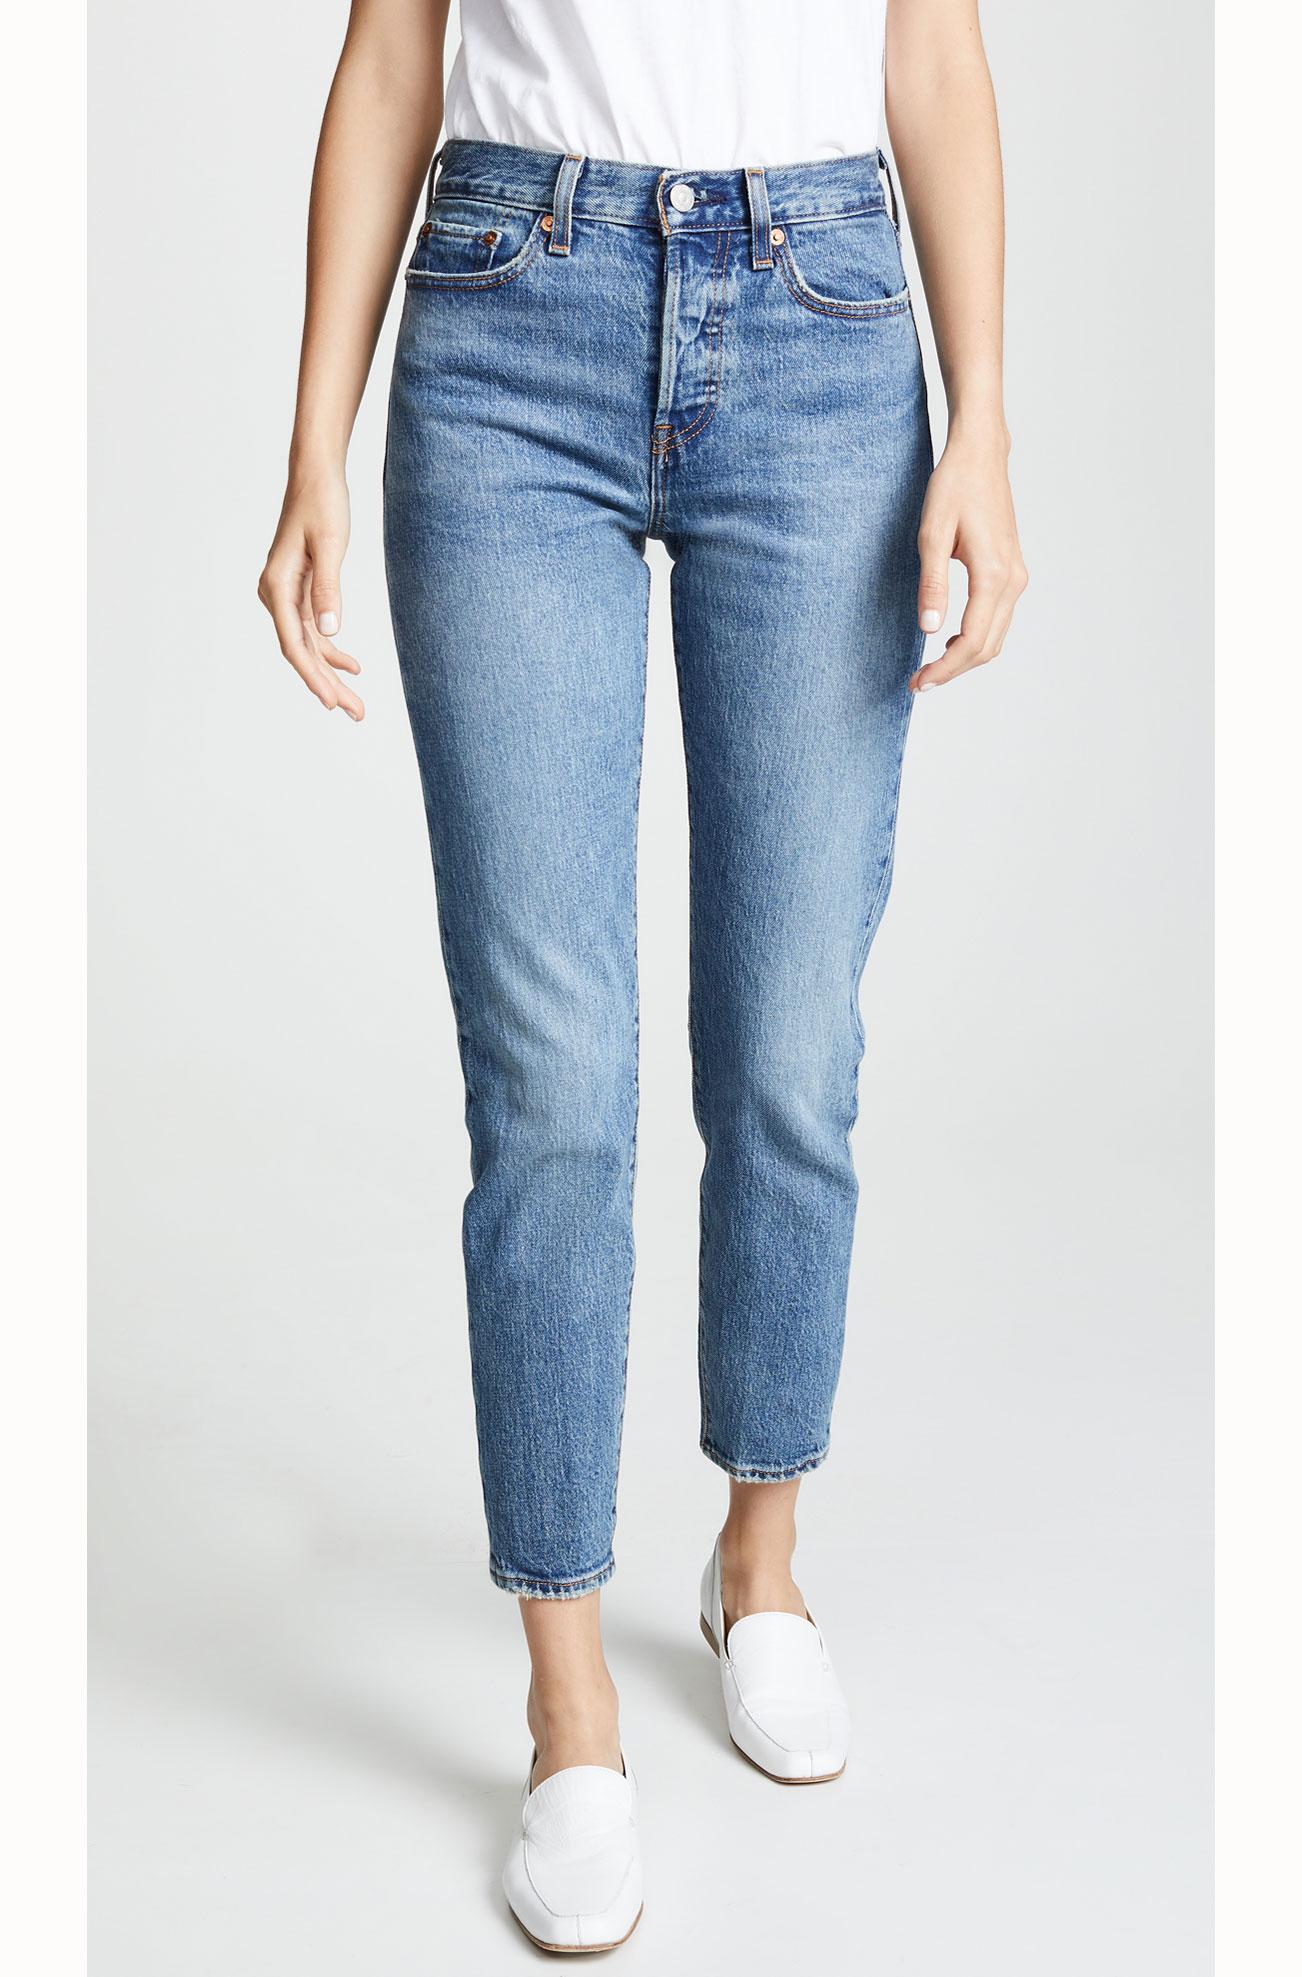 Levi Jeans  $98